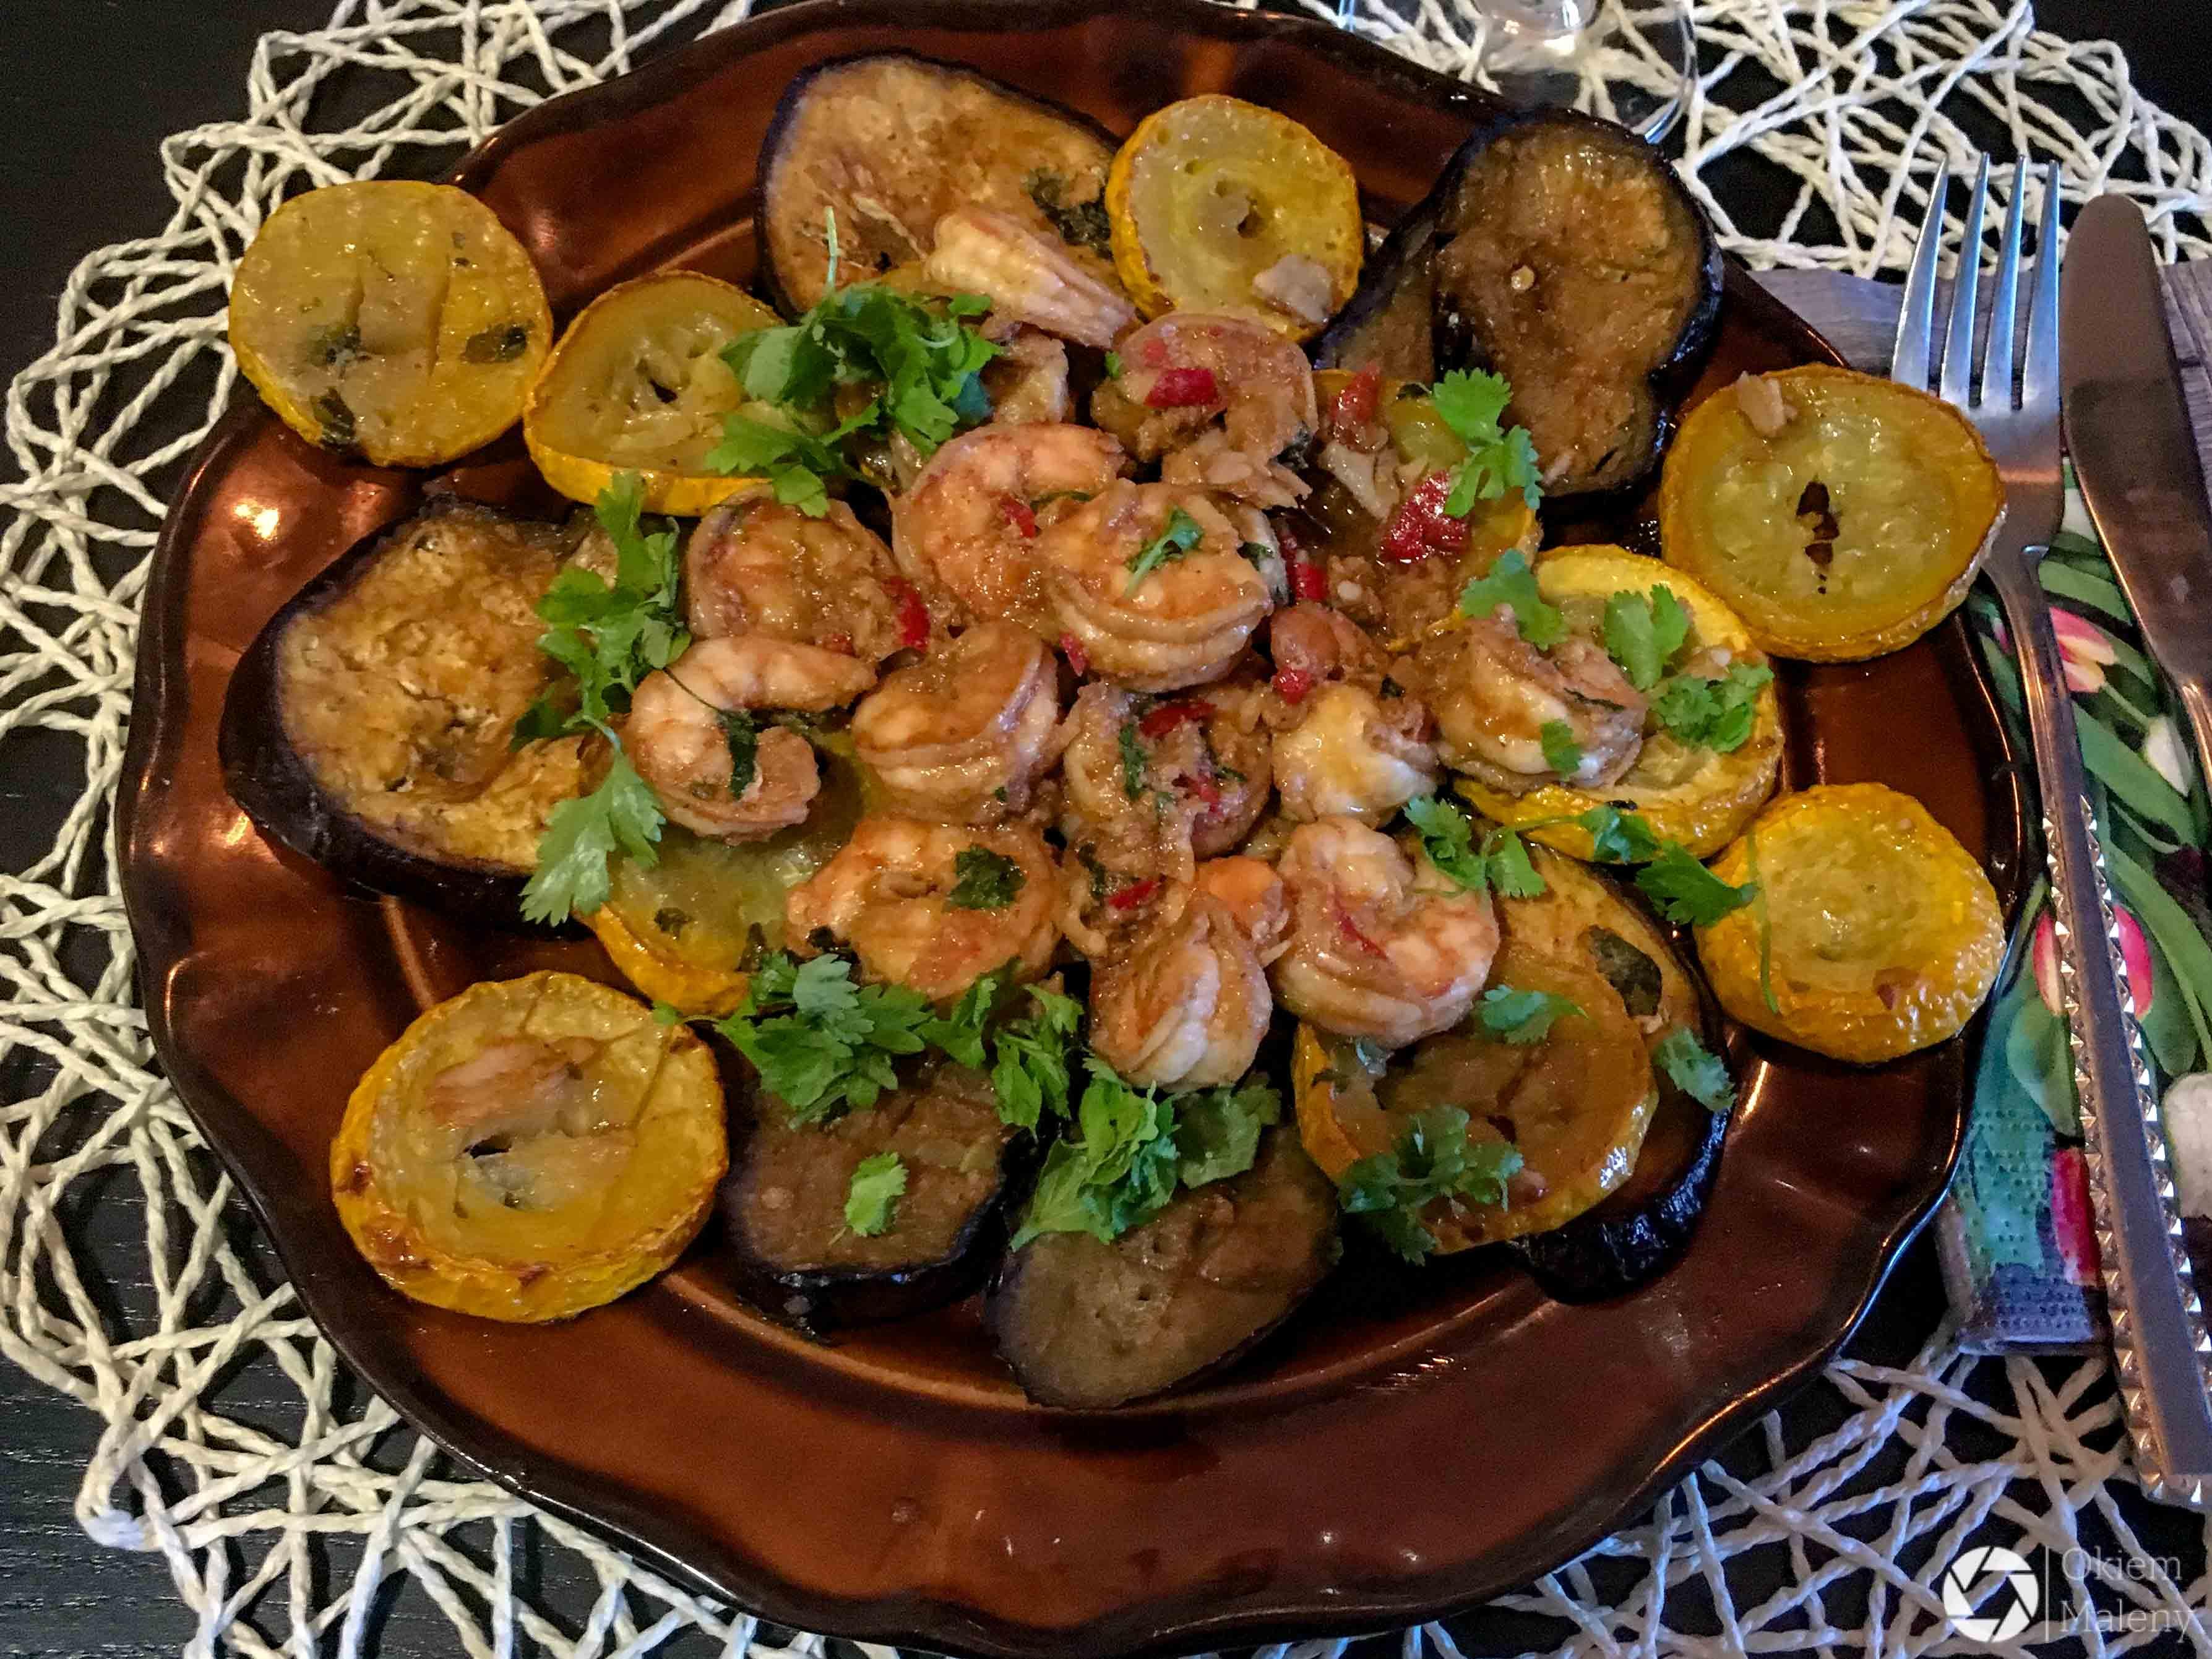 Grillowane Warzywa Z Krewetkami Okiem Maleny